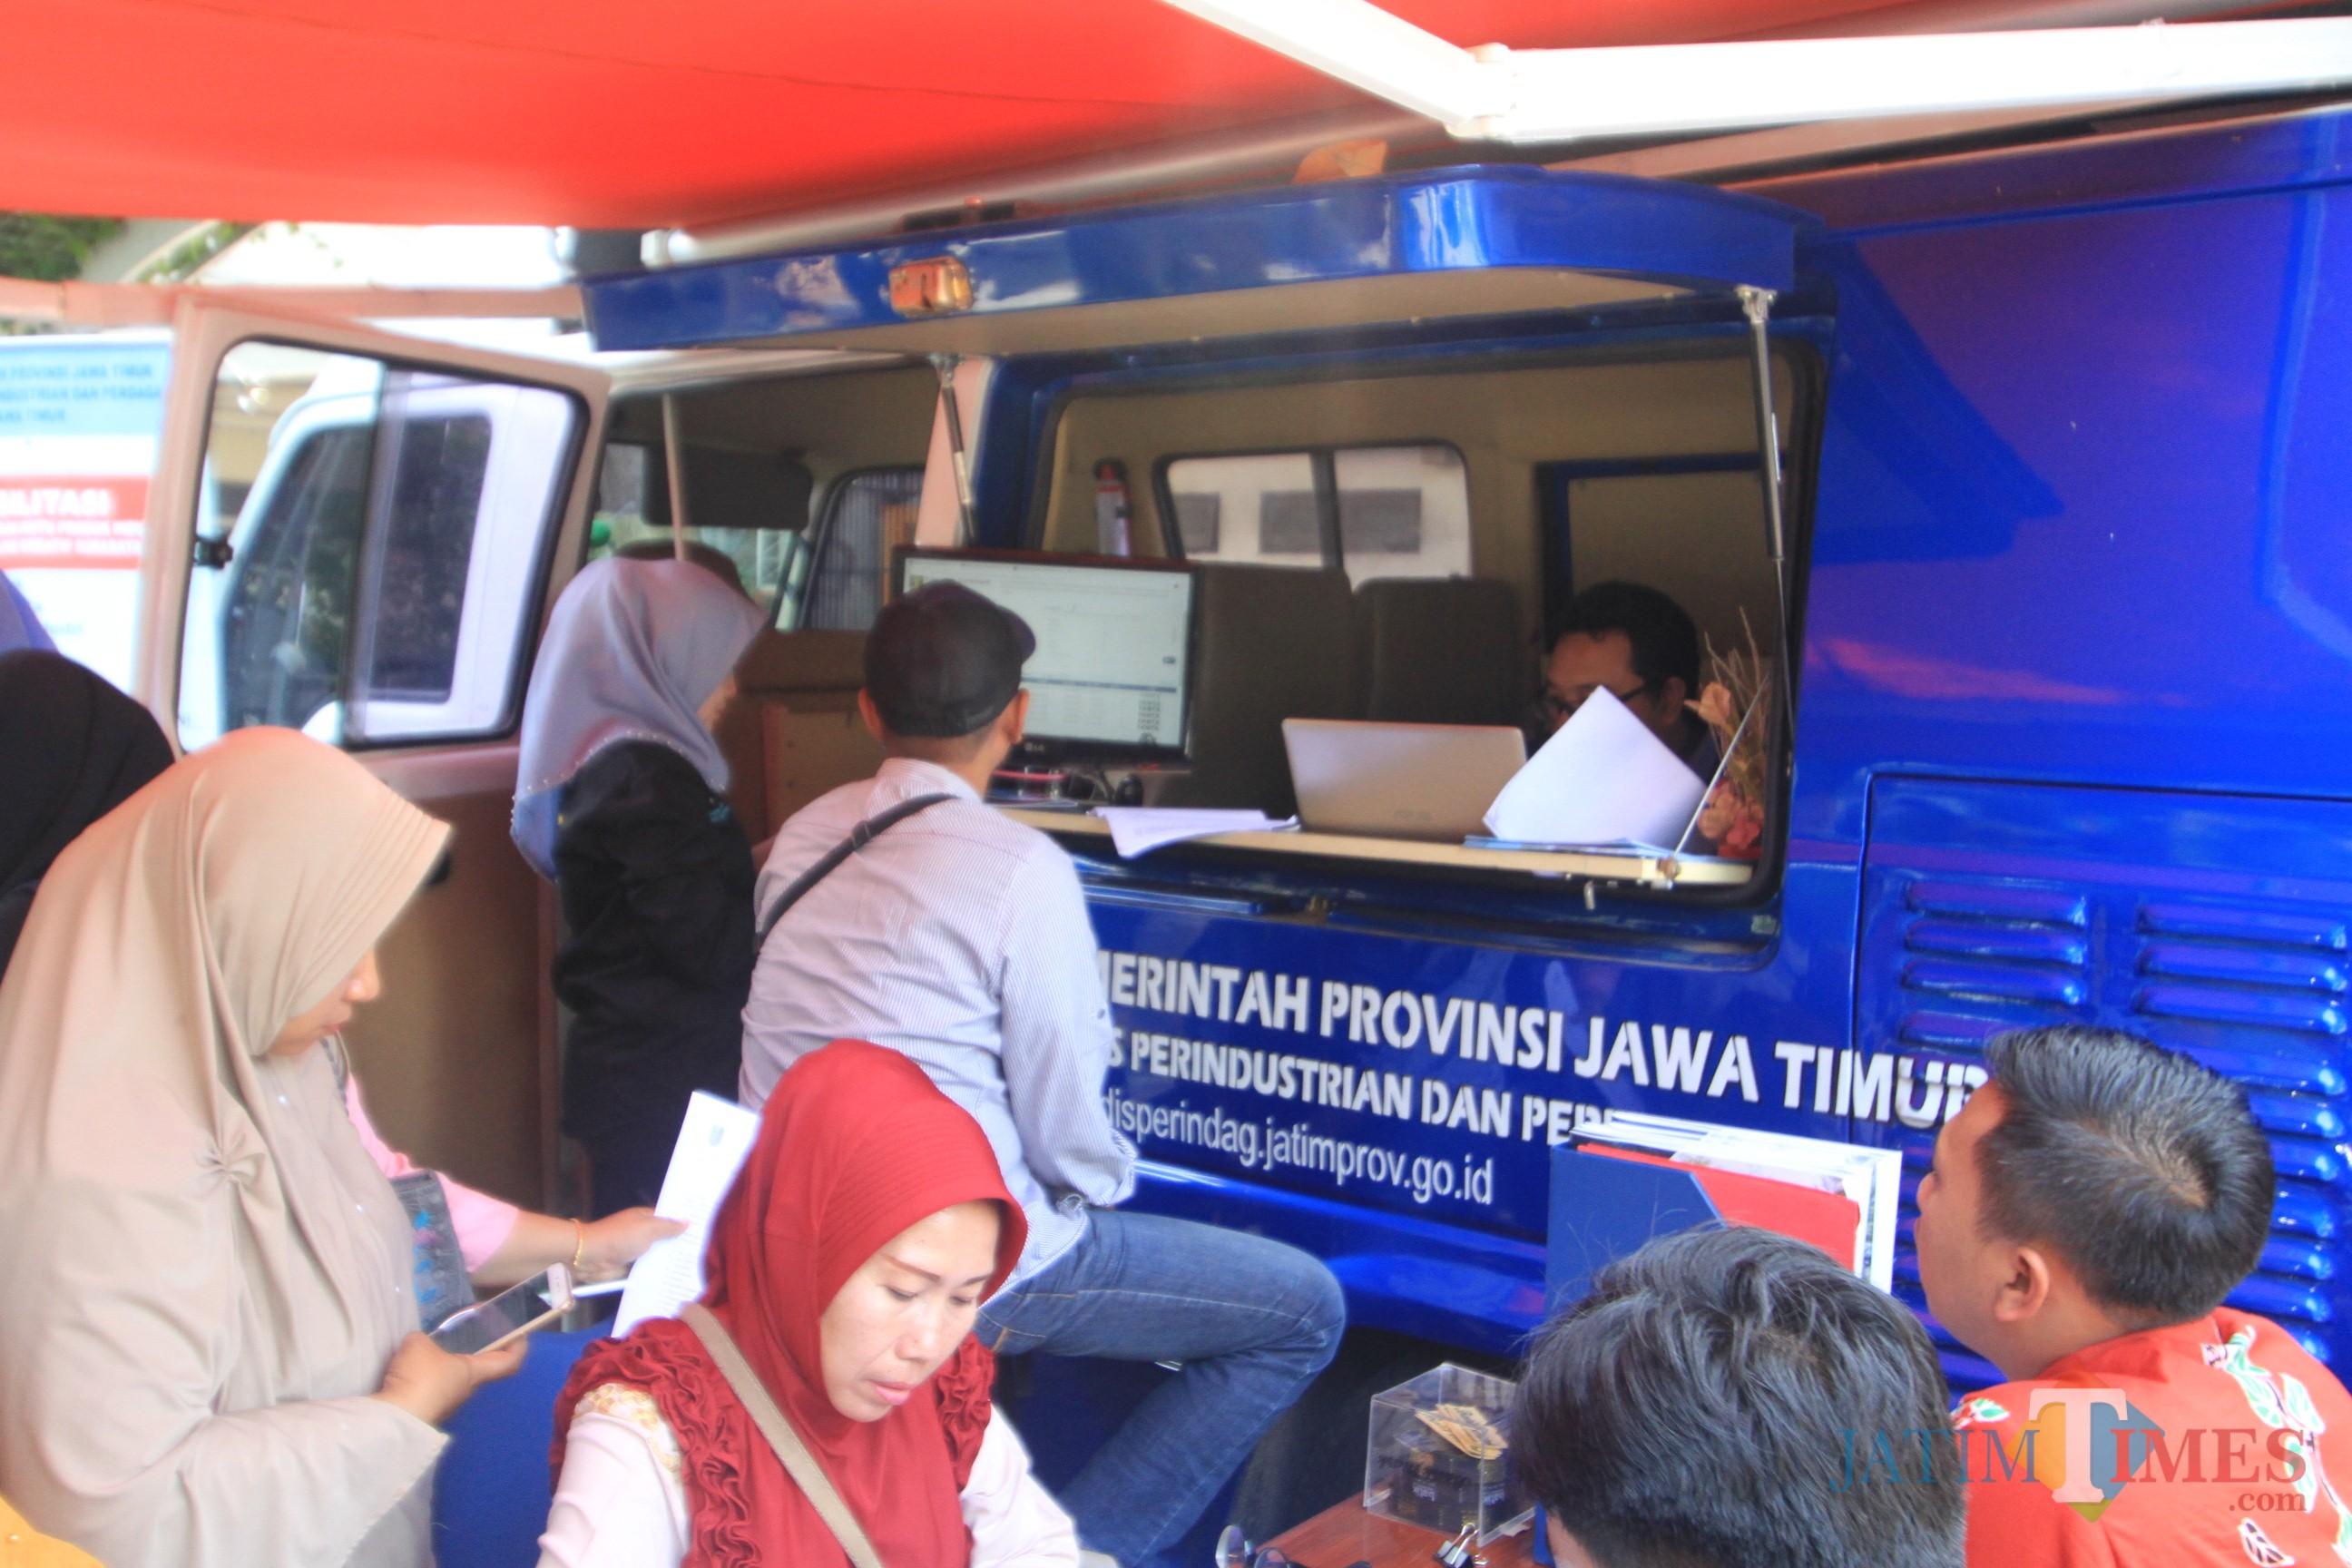 Salah satu IKM saat mendaftar legalitas produknya di mobil keliling Dinas Perindustrian dan Perdangangan di pemkota Probolinggo (Agus Salam/Jatim TIMES)